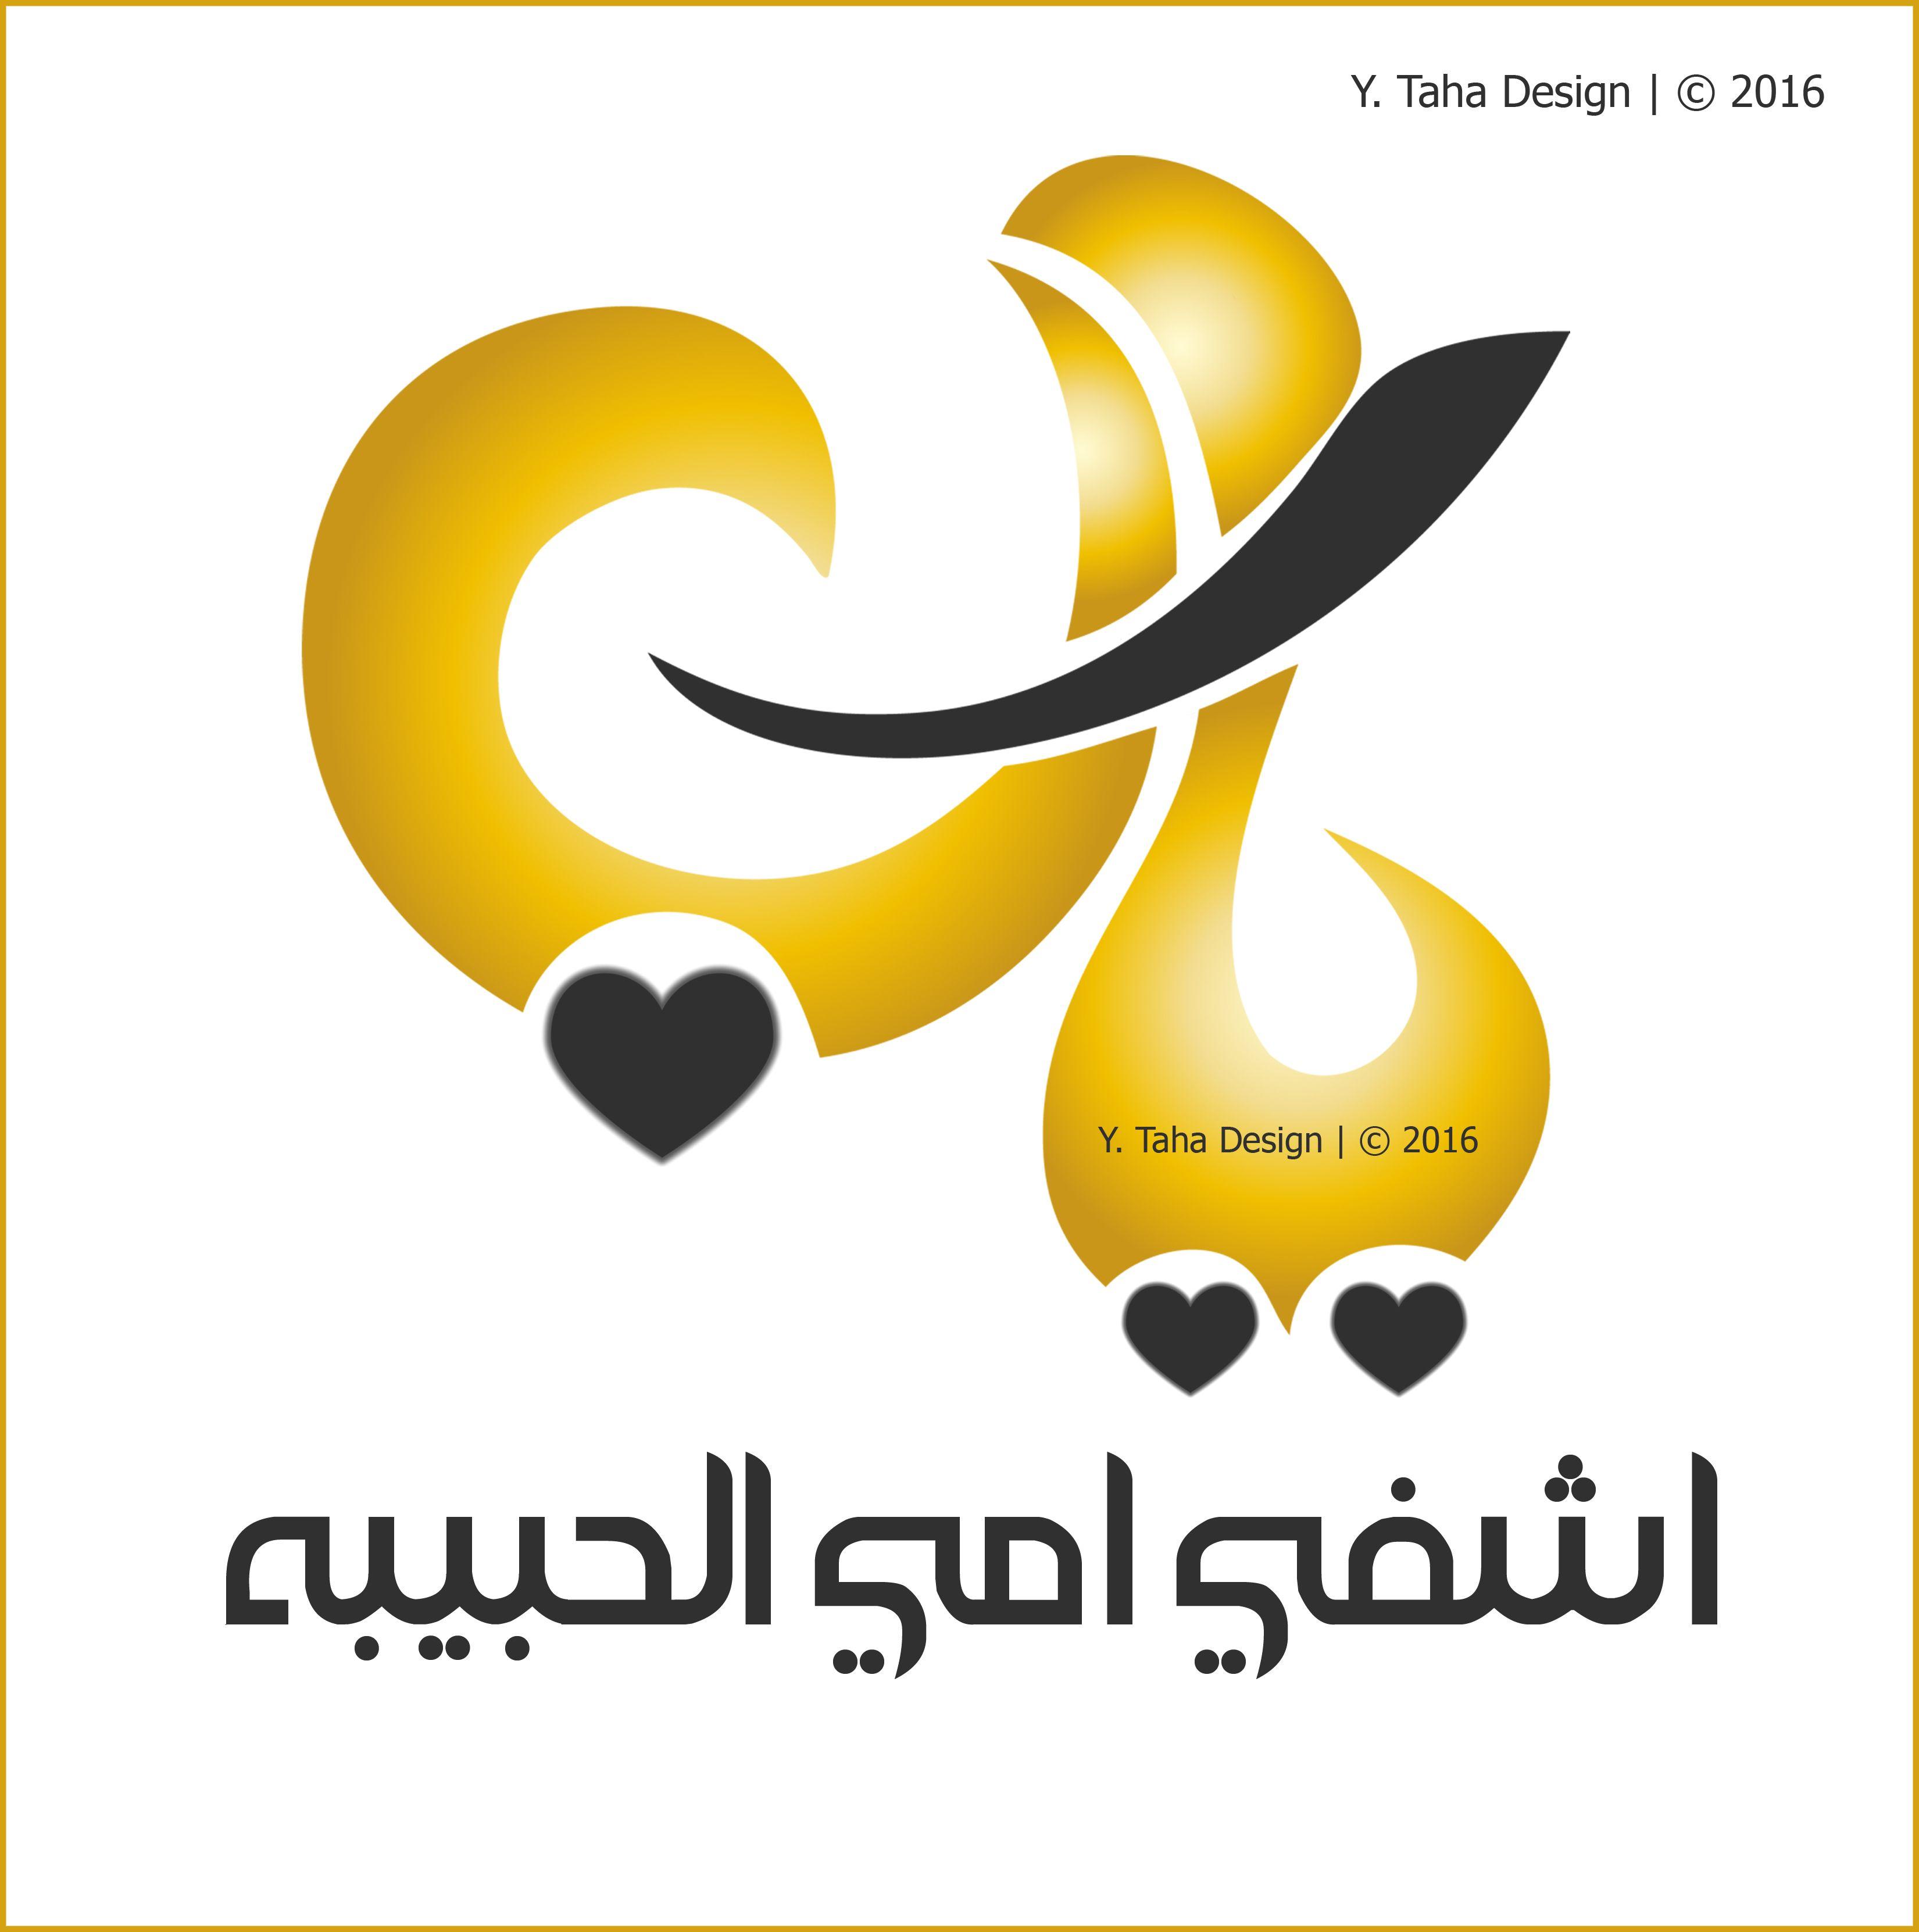 يارب اشفي امي الحبيبه اللهم اشفي امي الغاليه شفاء عاجل Islam Quran Quran Calendar